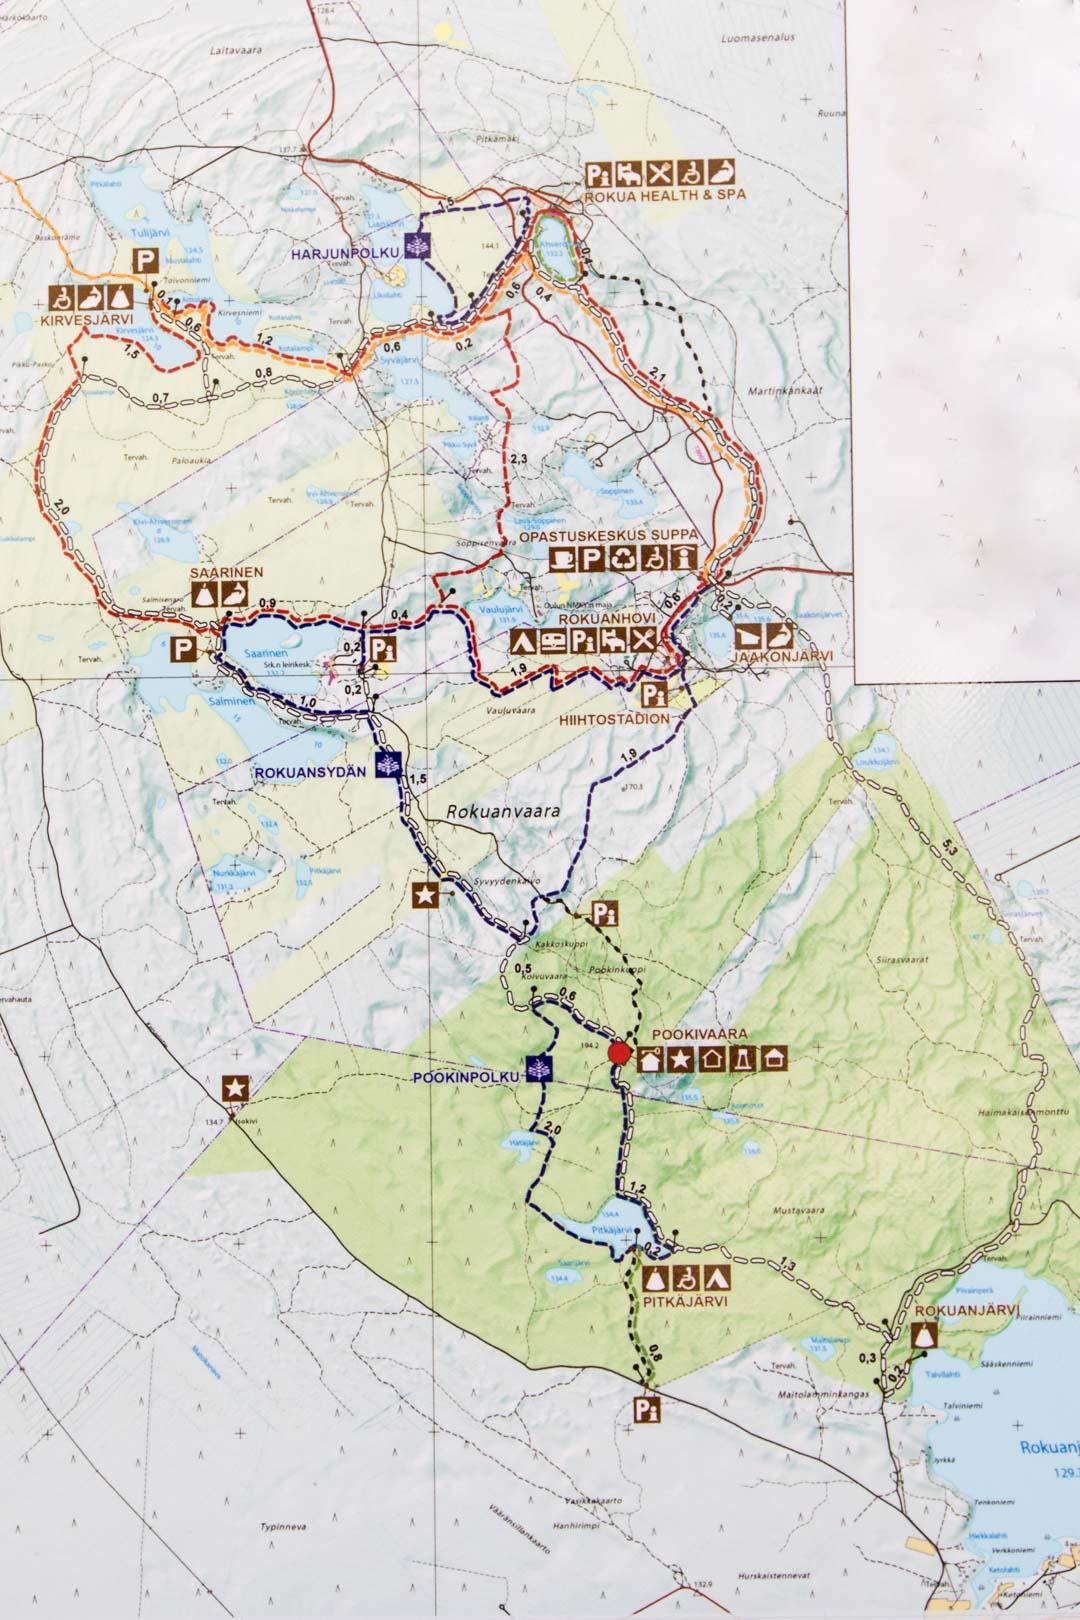 Rokuan kansallispuiston kartta